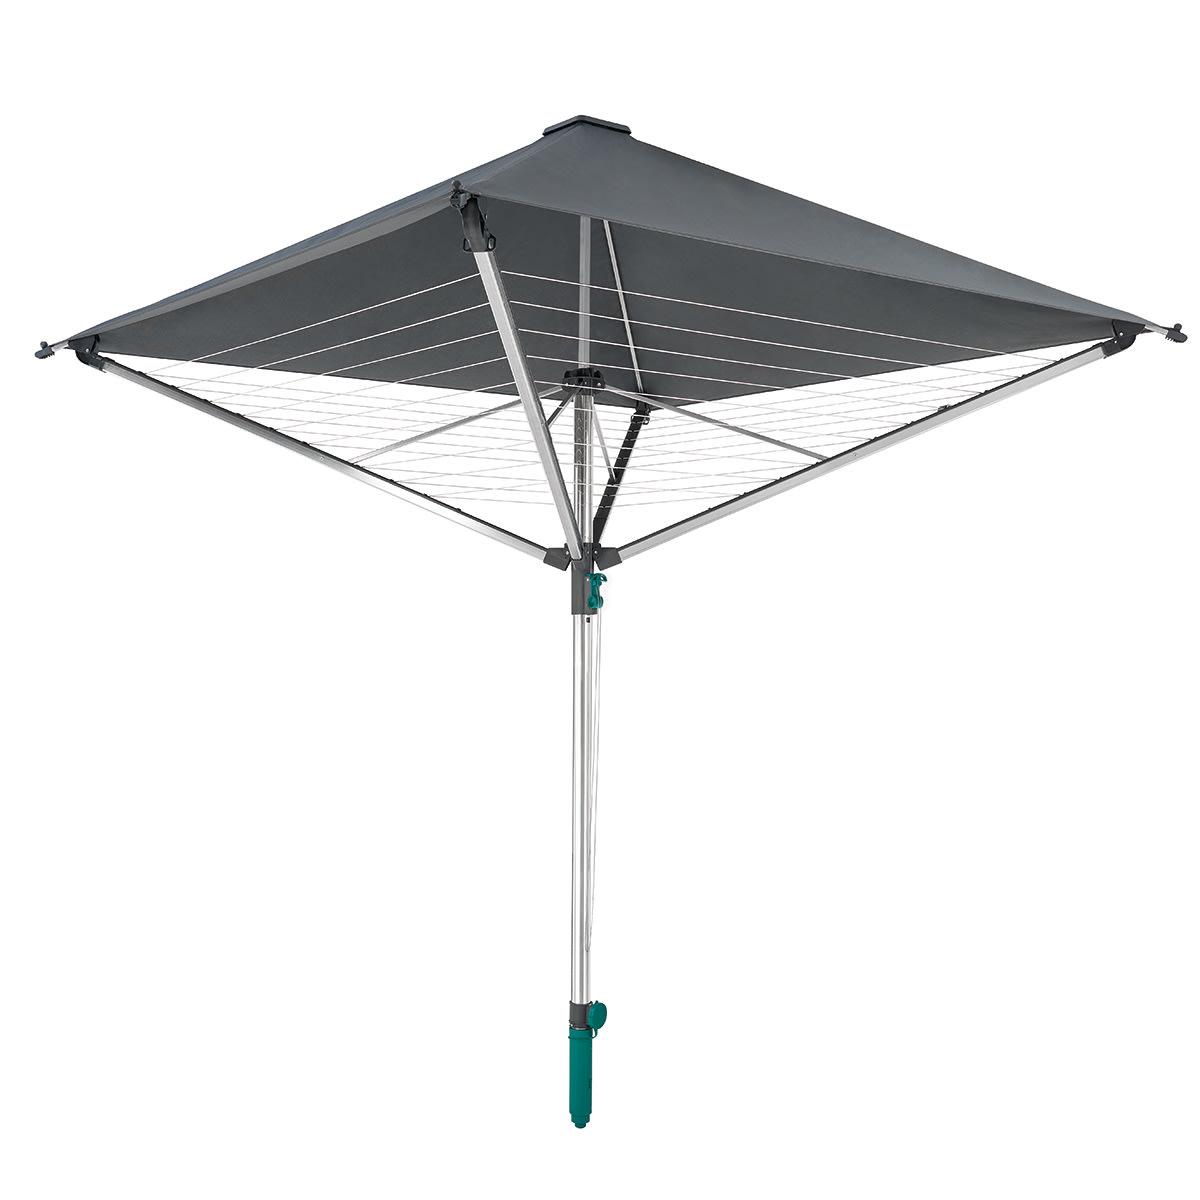 Med overdækning der beskytter mod både regn og sol